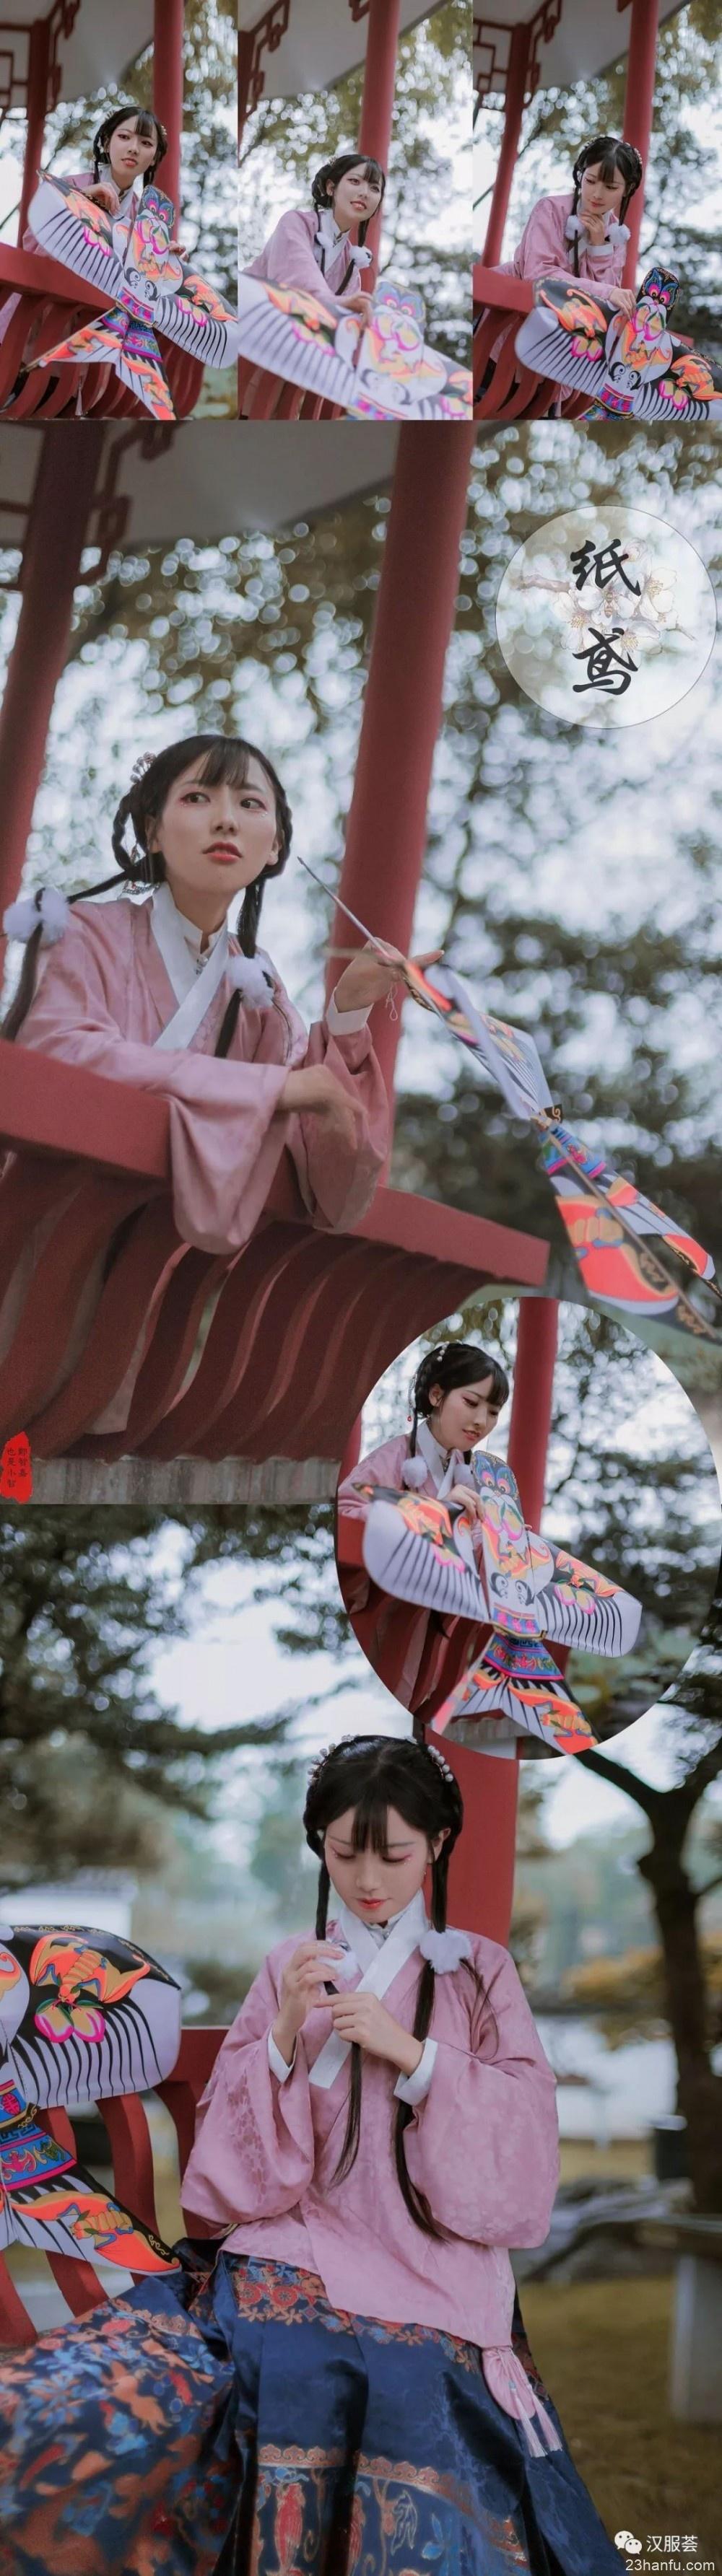 【汉服新年】纸鸢&糖葫芦,你喜欢哪个?